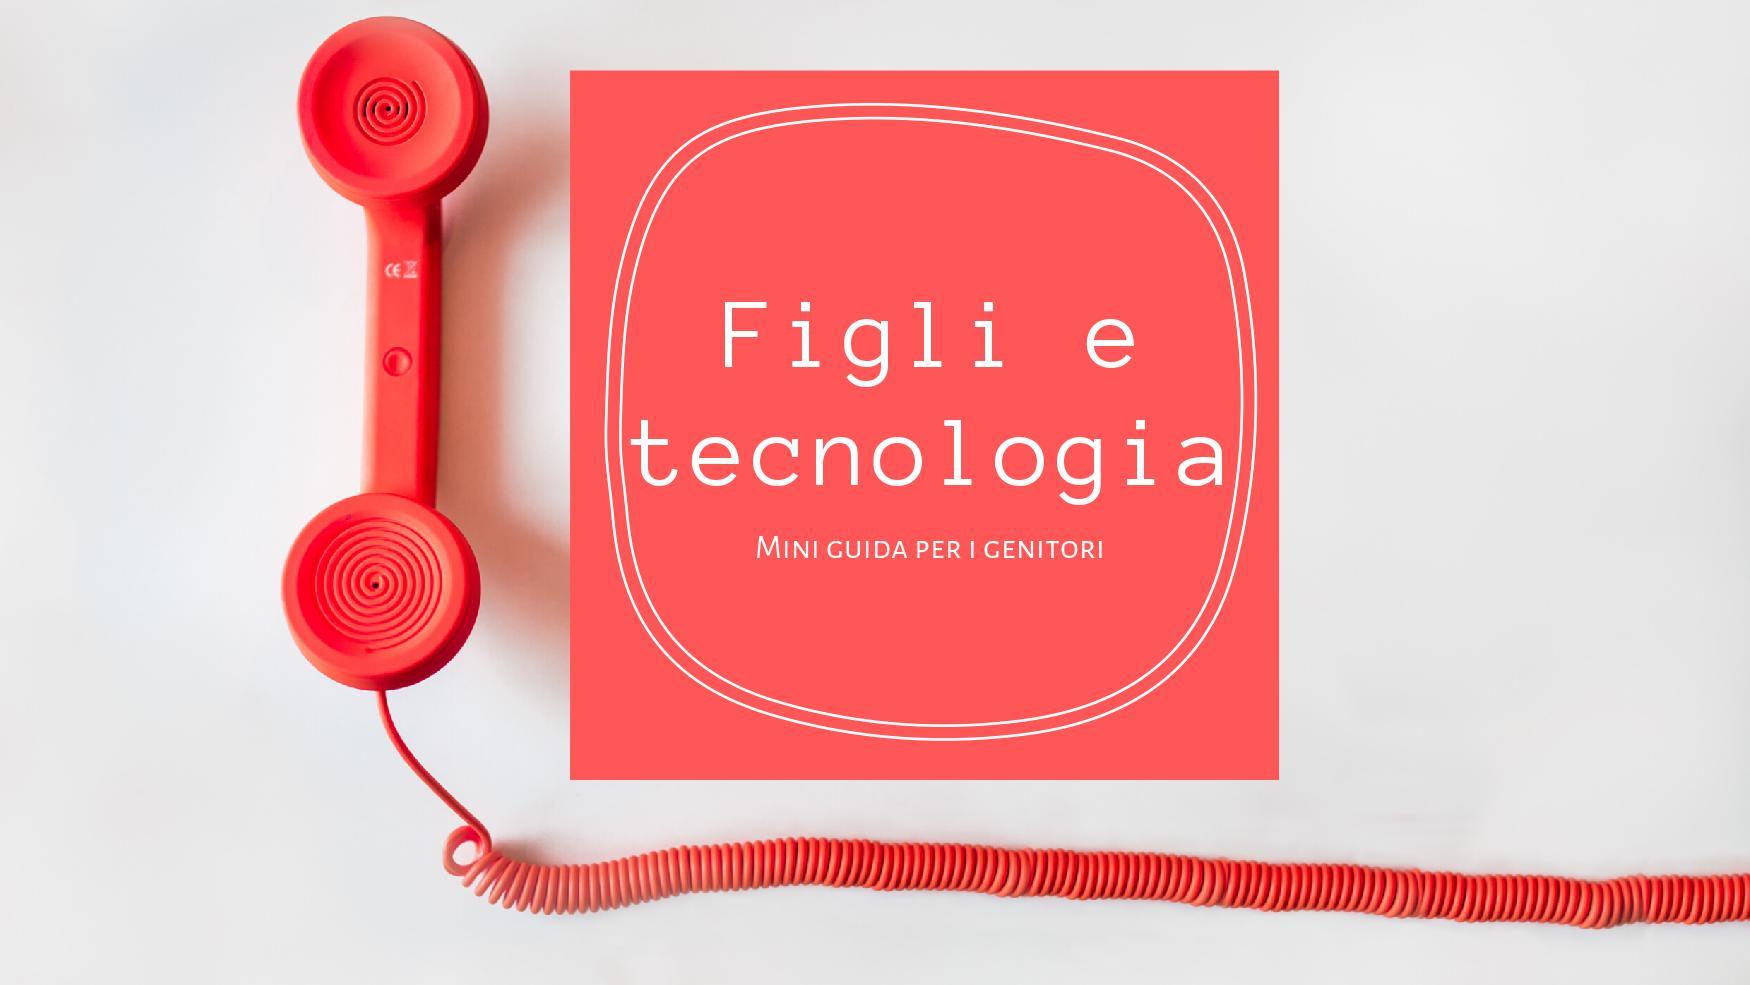 Figli e tecnologia